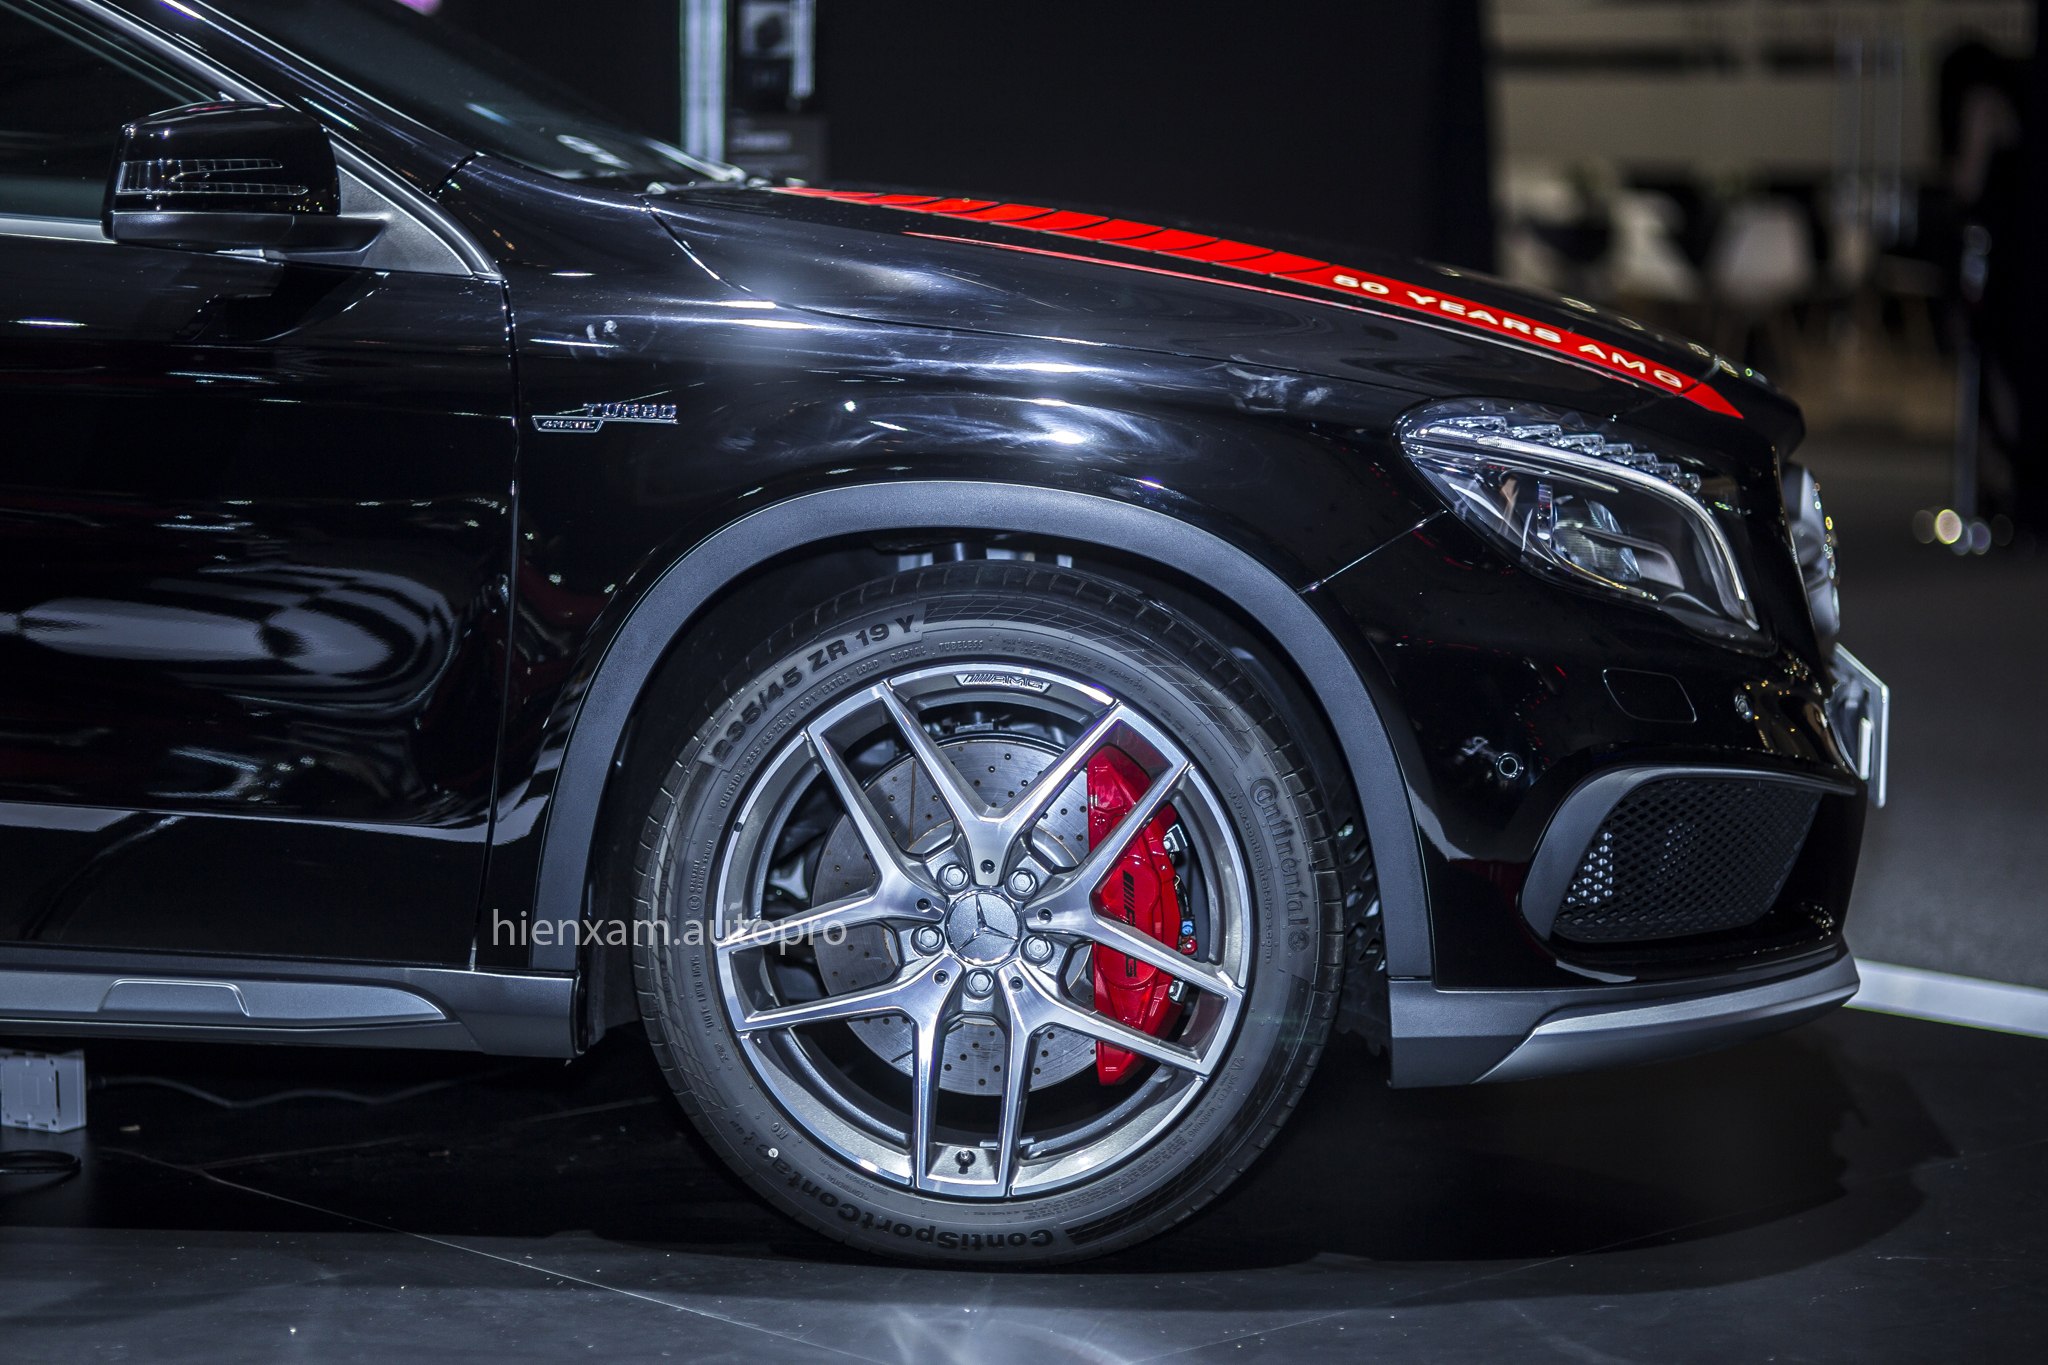 Cận cảnh Mercedes-Benz GLA 45 AMG giá 2,279 tỉ đồng - Ảnh 3.